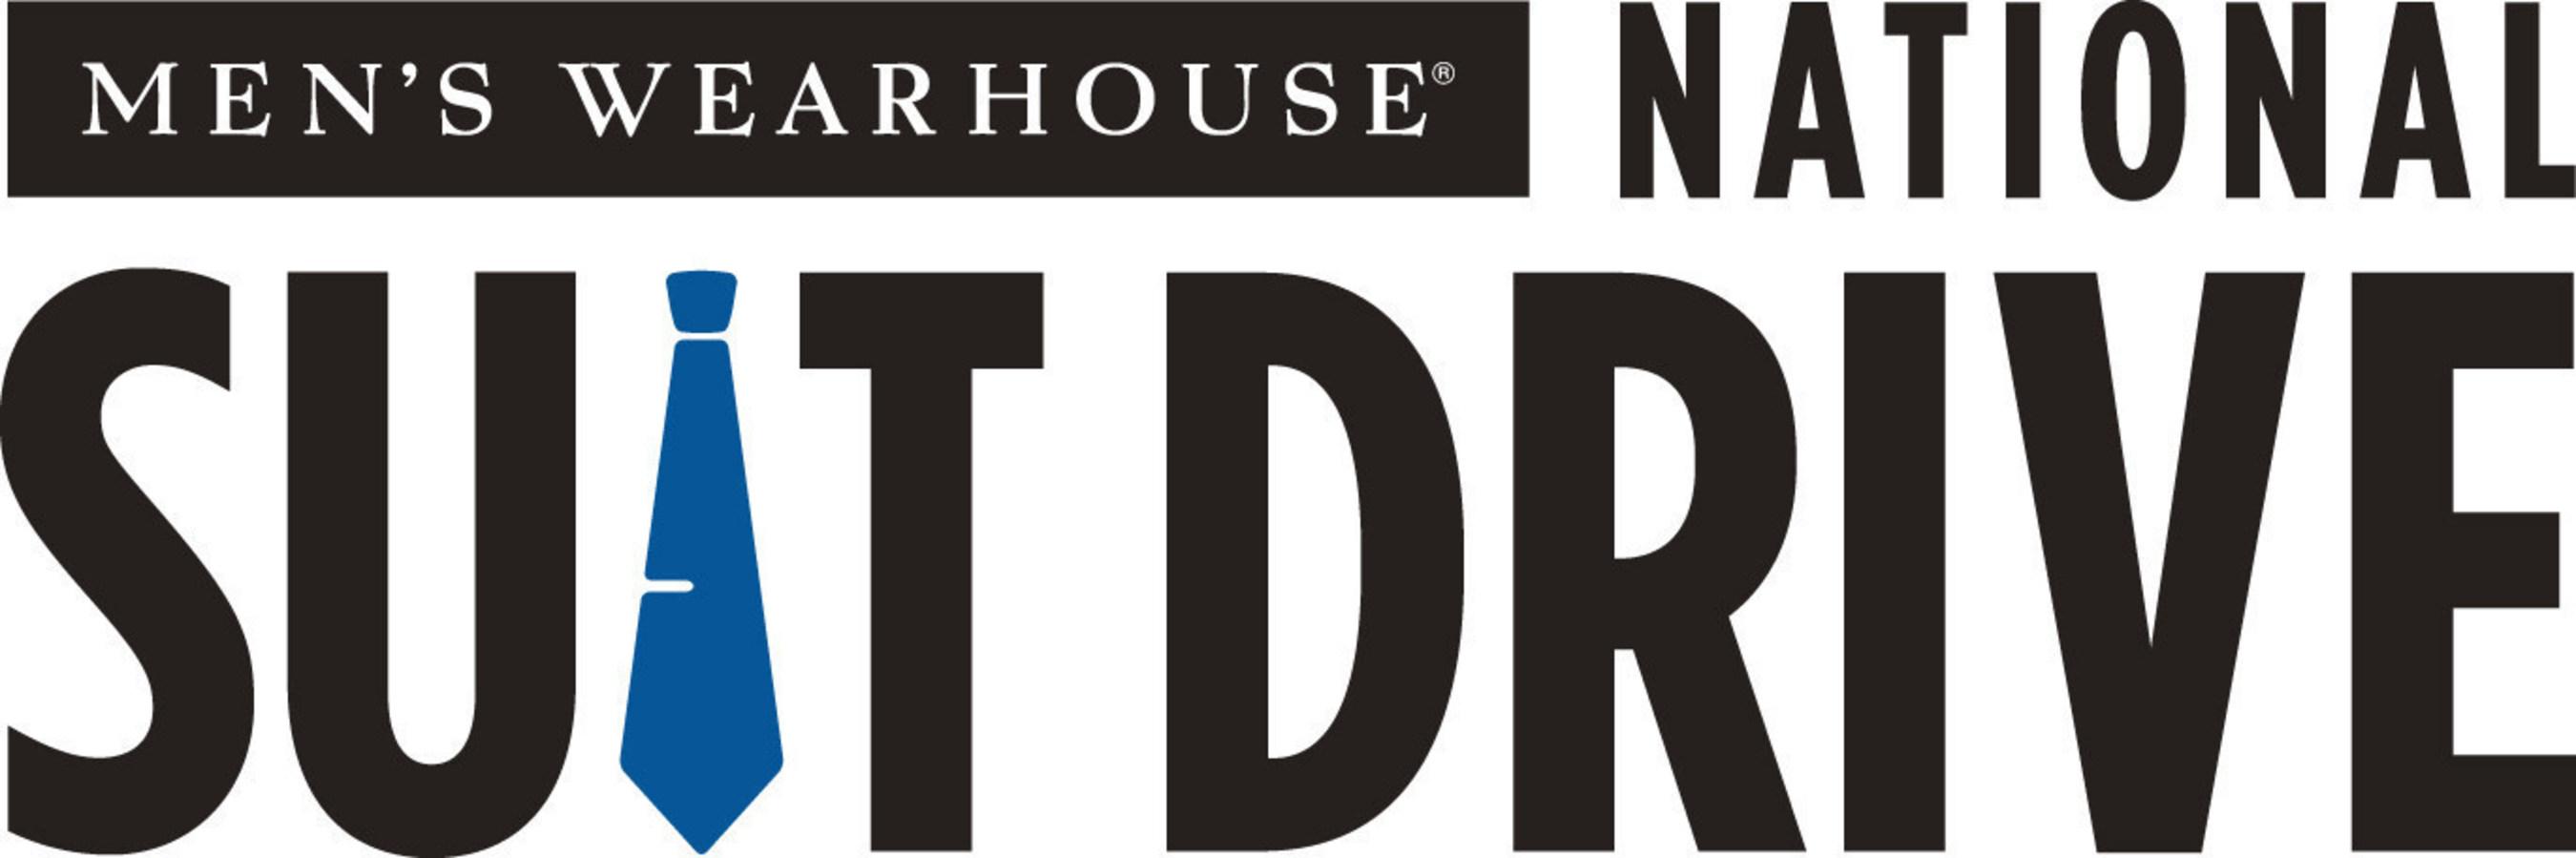 Men's Wearhouse National Suit Drive Logo